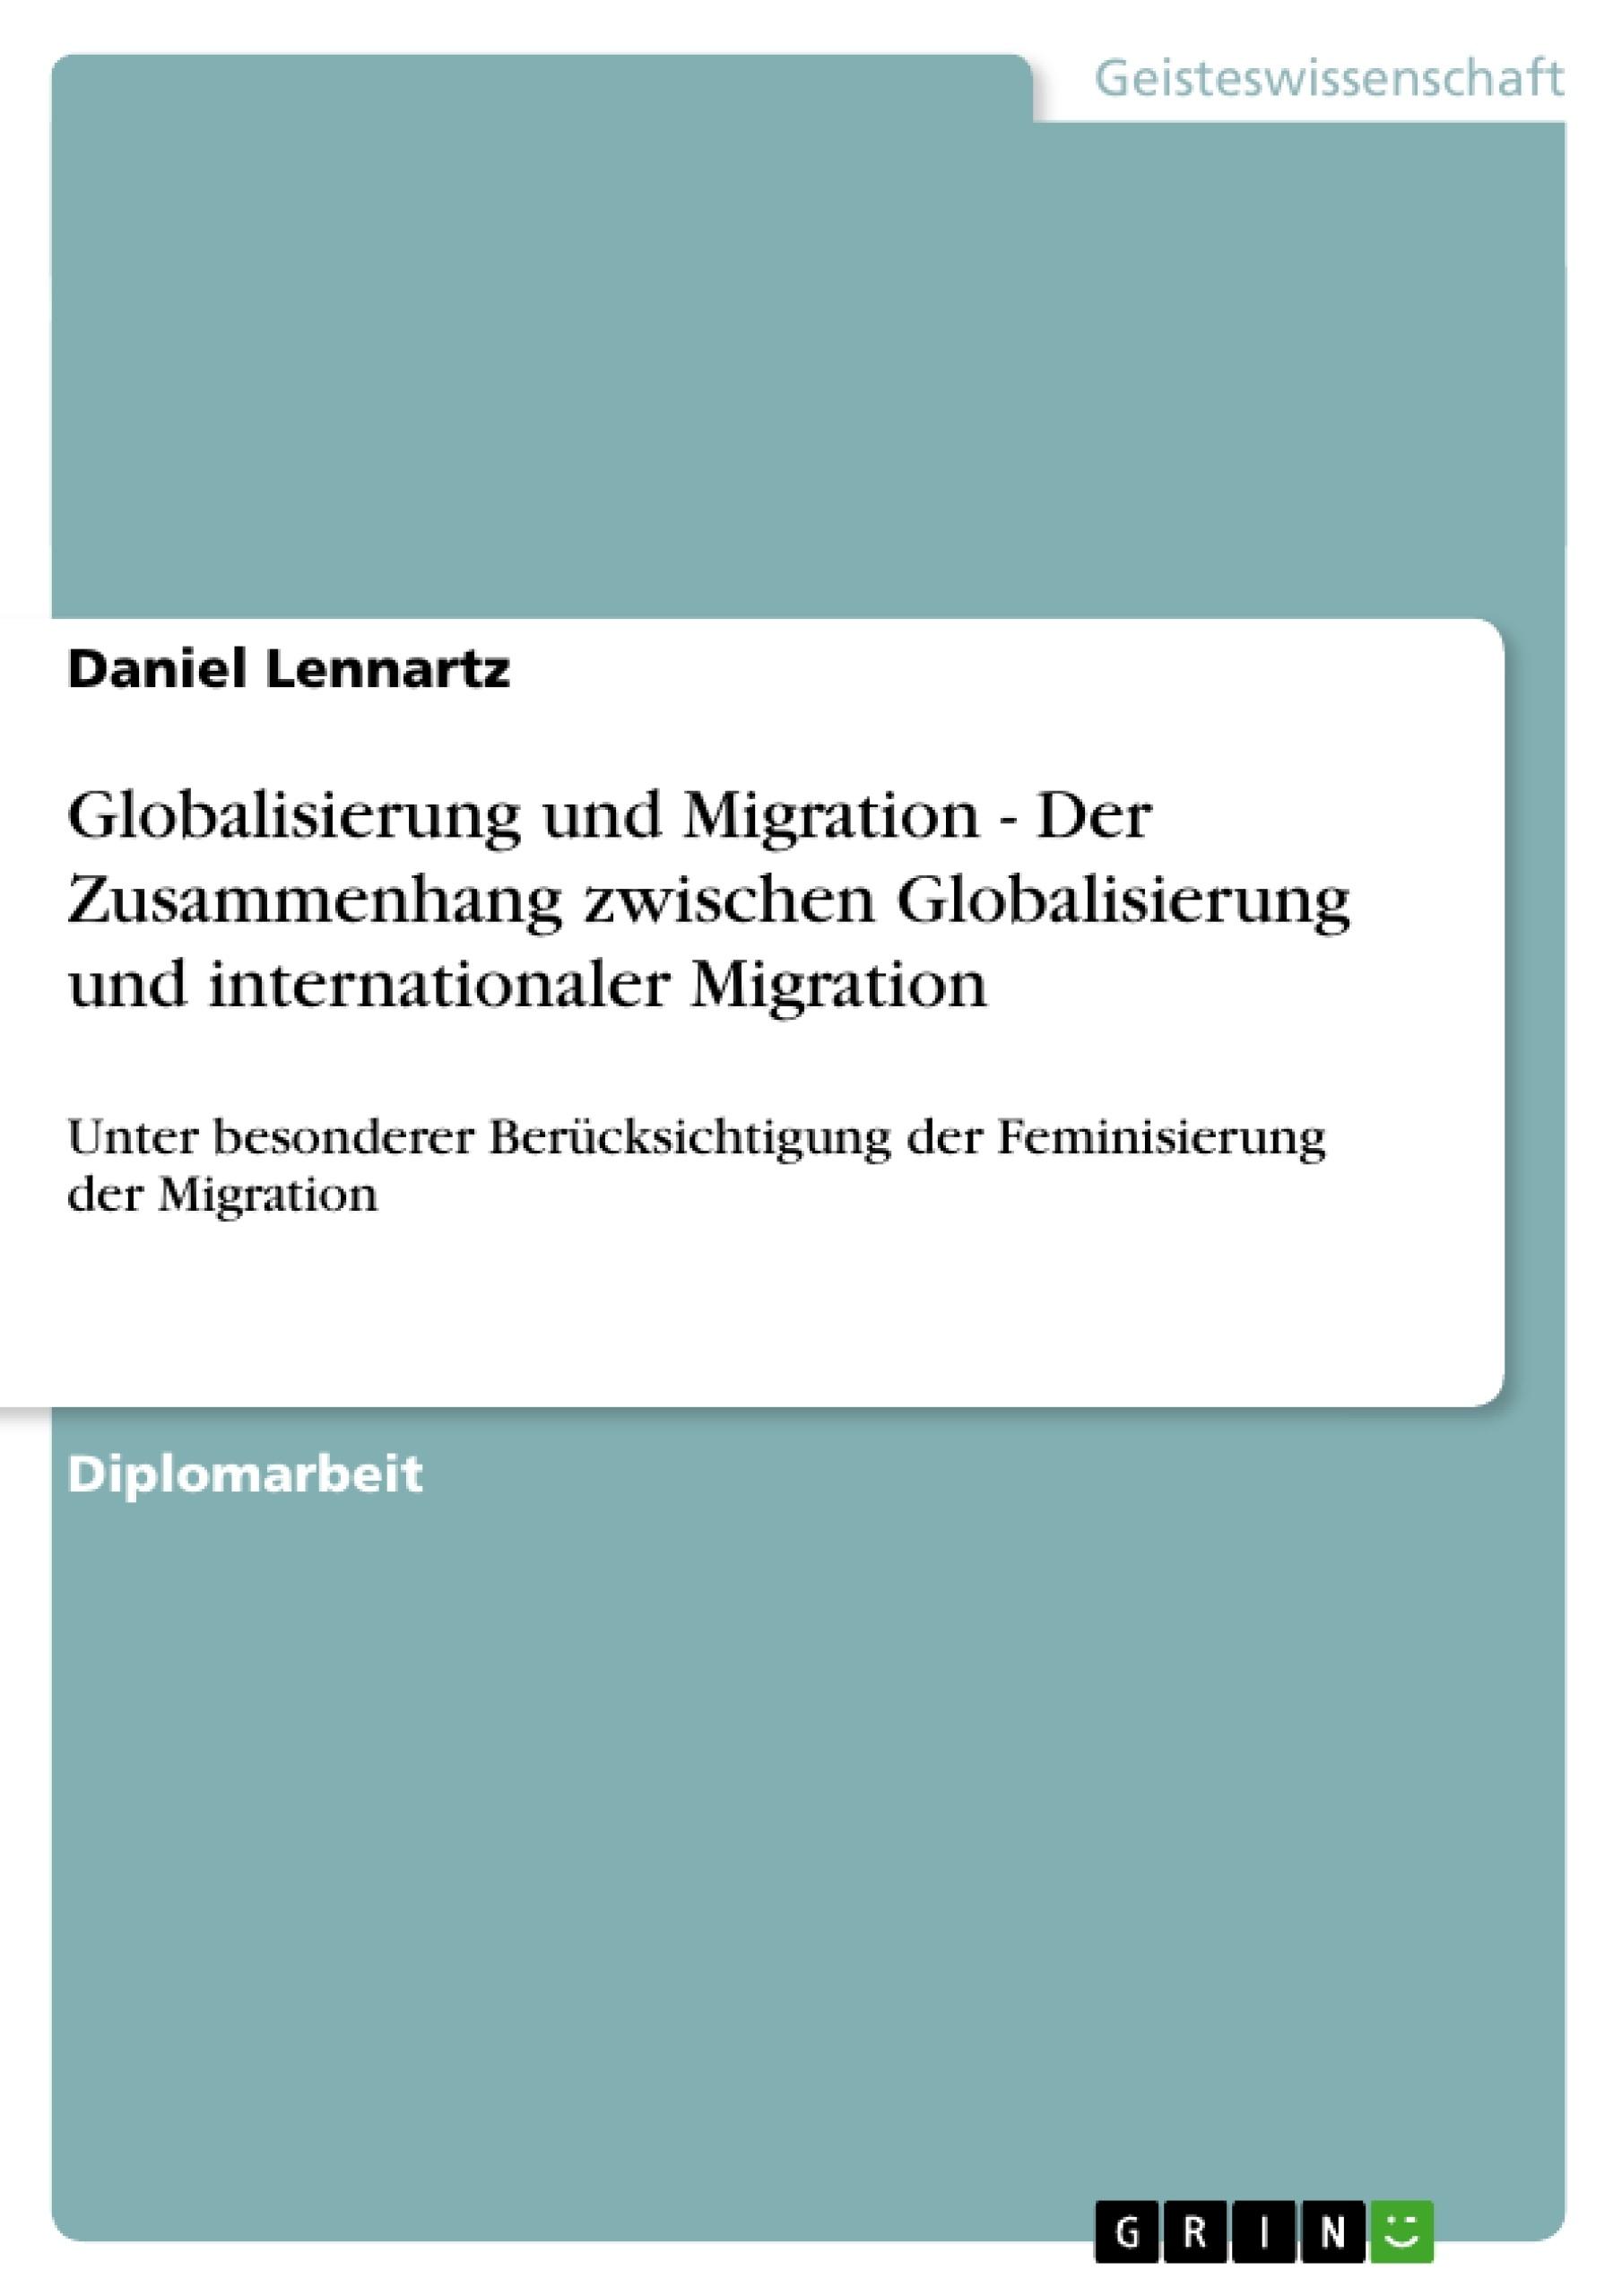 Titel: Globalisierung und Migration - Der Zusammenhang zwischen Globalisierung und internationaler Migration